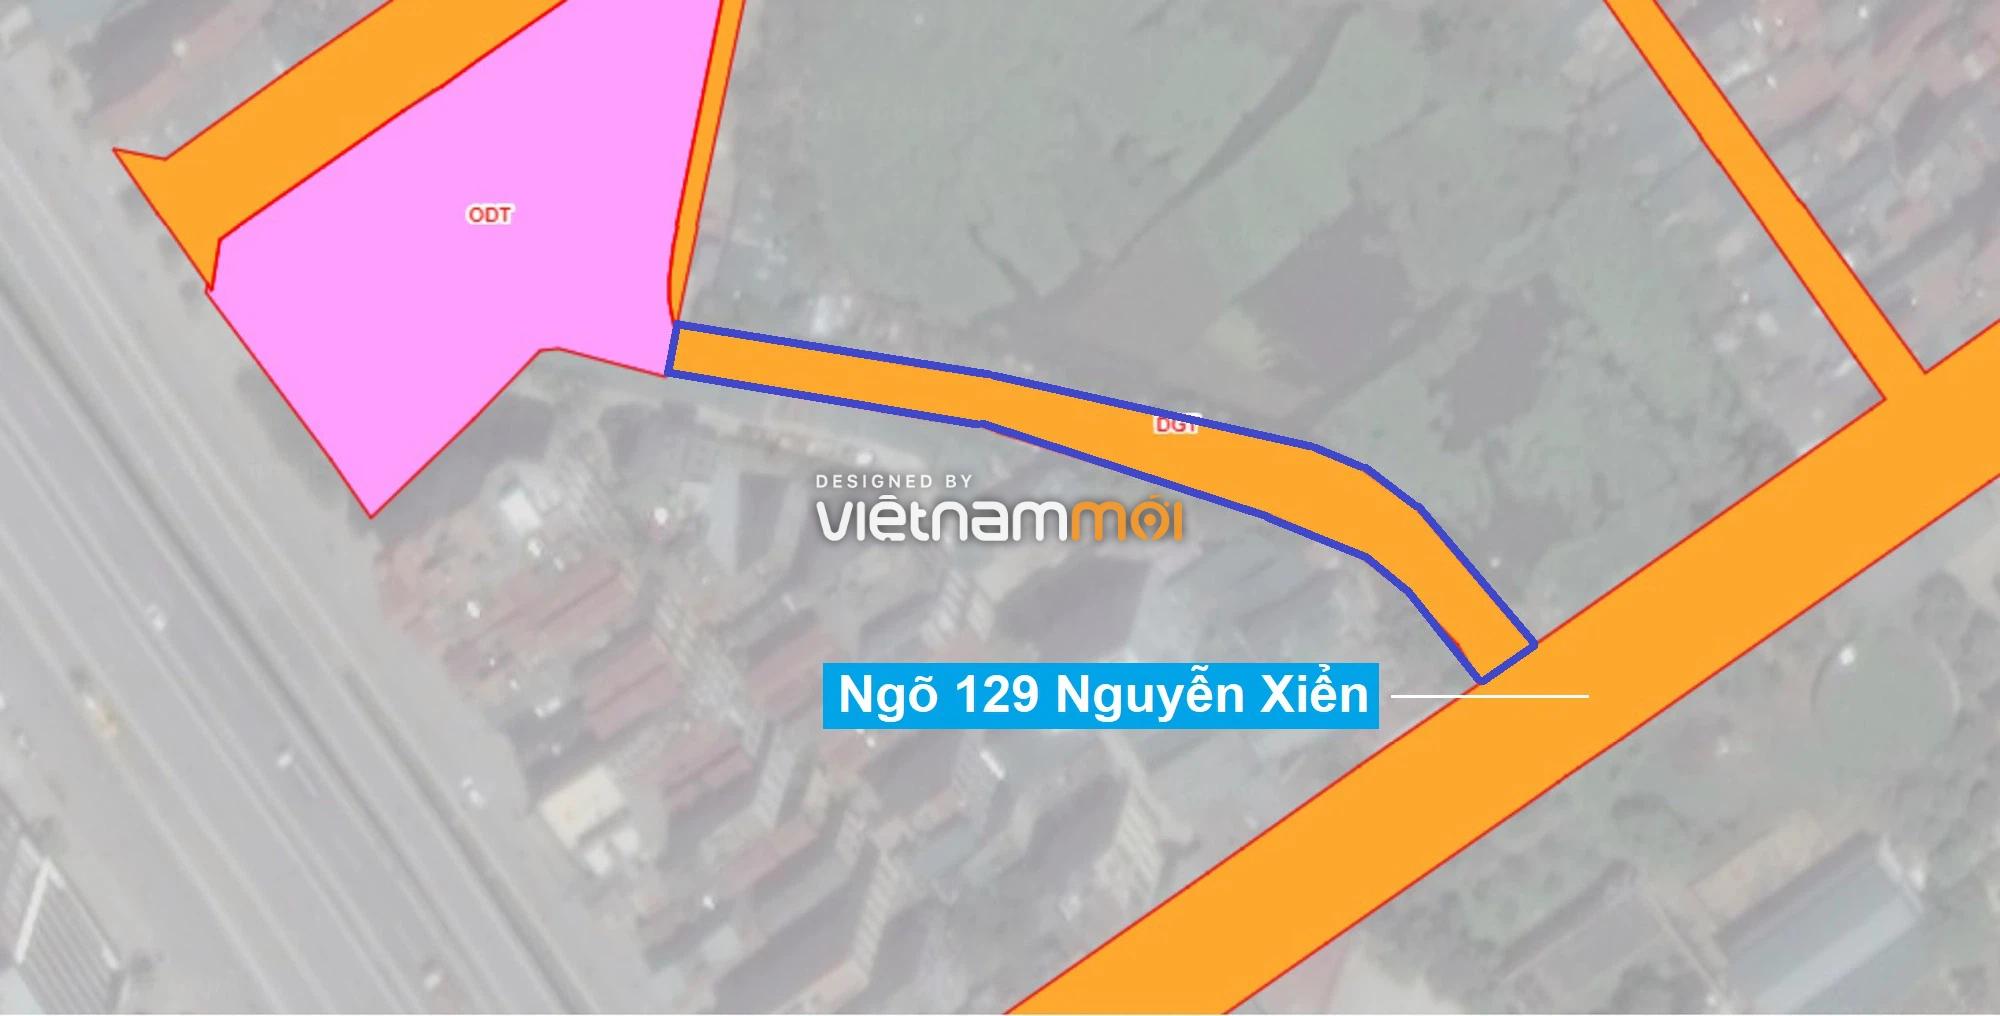 Những khu đất sắp thu hồi để mở đường ở quận Thanh Xuân, Hà Nội (phần 1) - Ảnh 15.